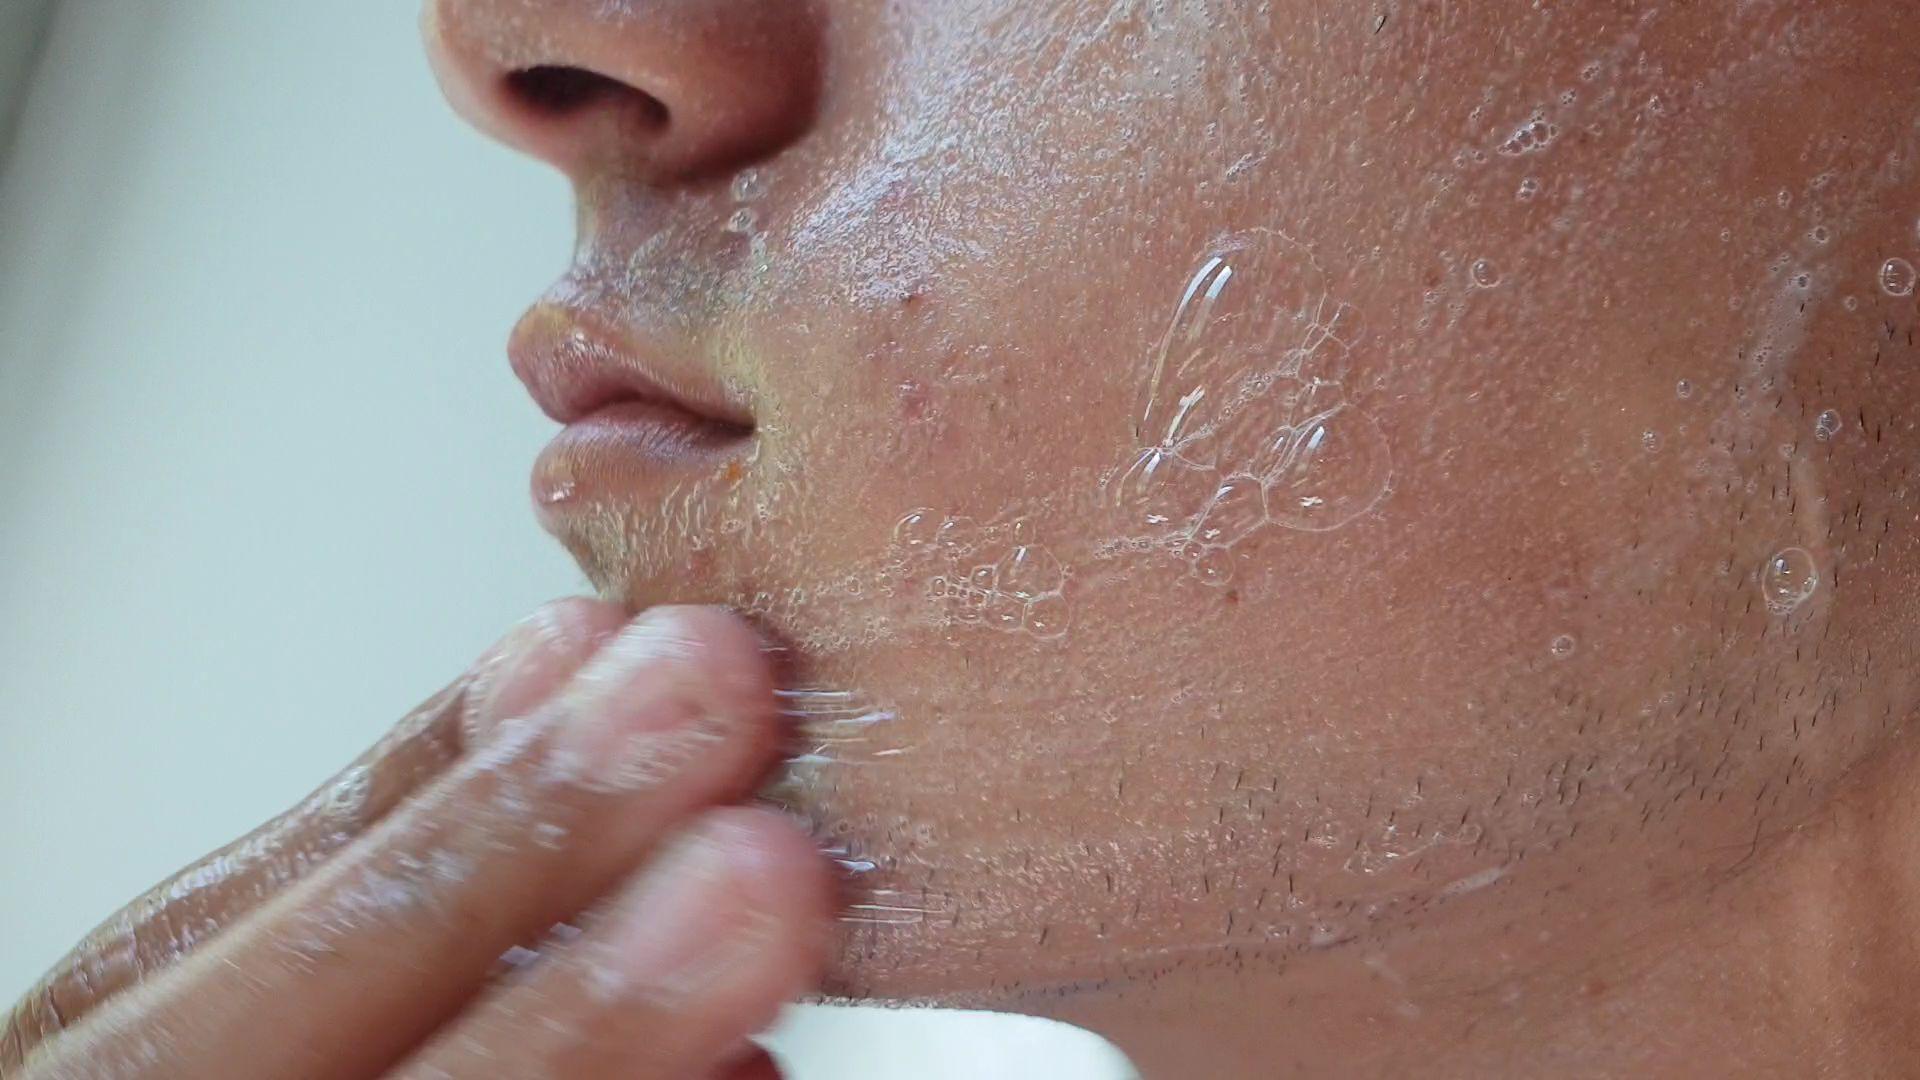 מדוע חשוב לנקות את הפנים לפני השינה?